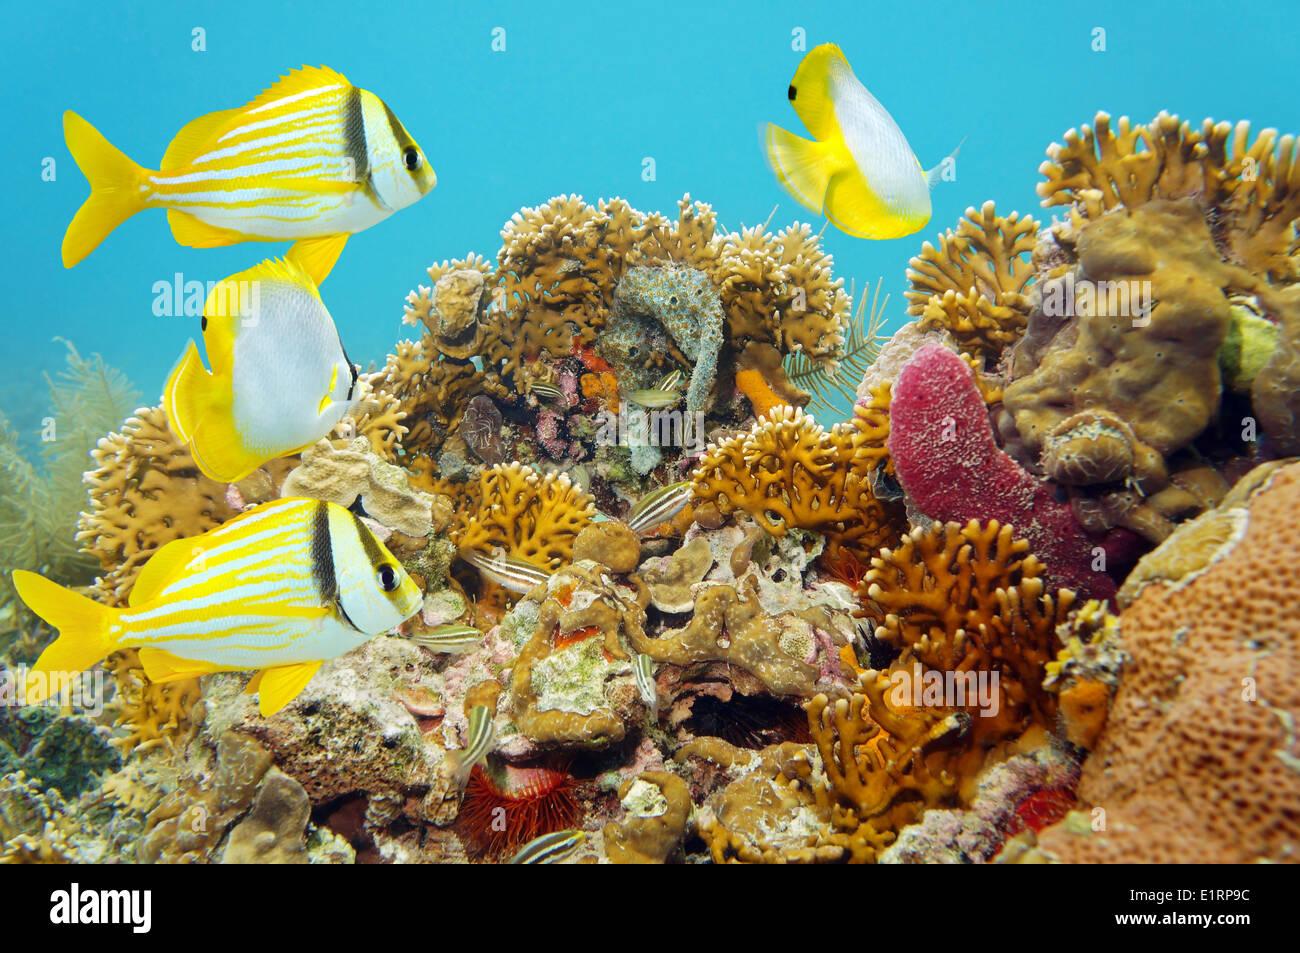 Escena de arrecifes de coral con peces tropicales Imagen De Stock